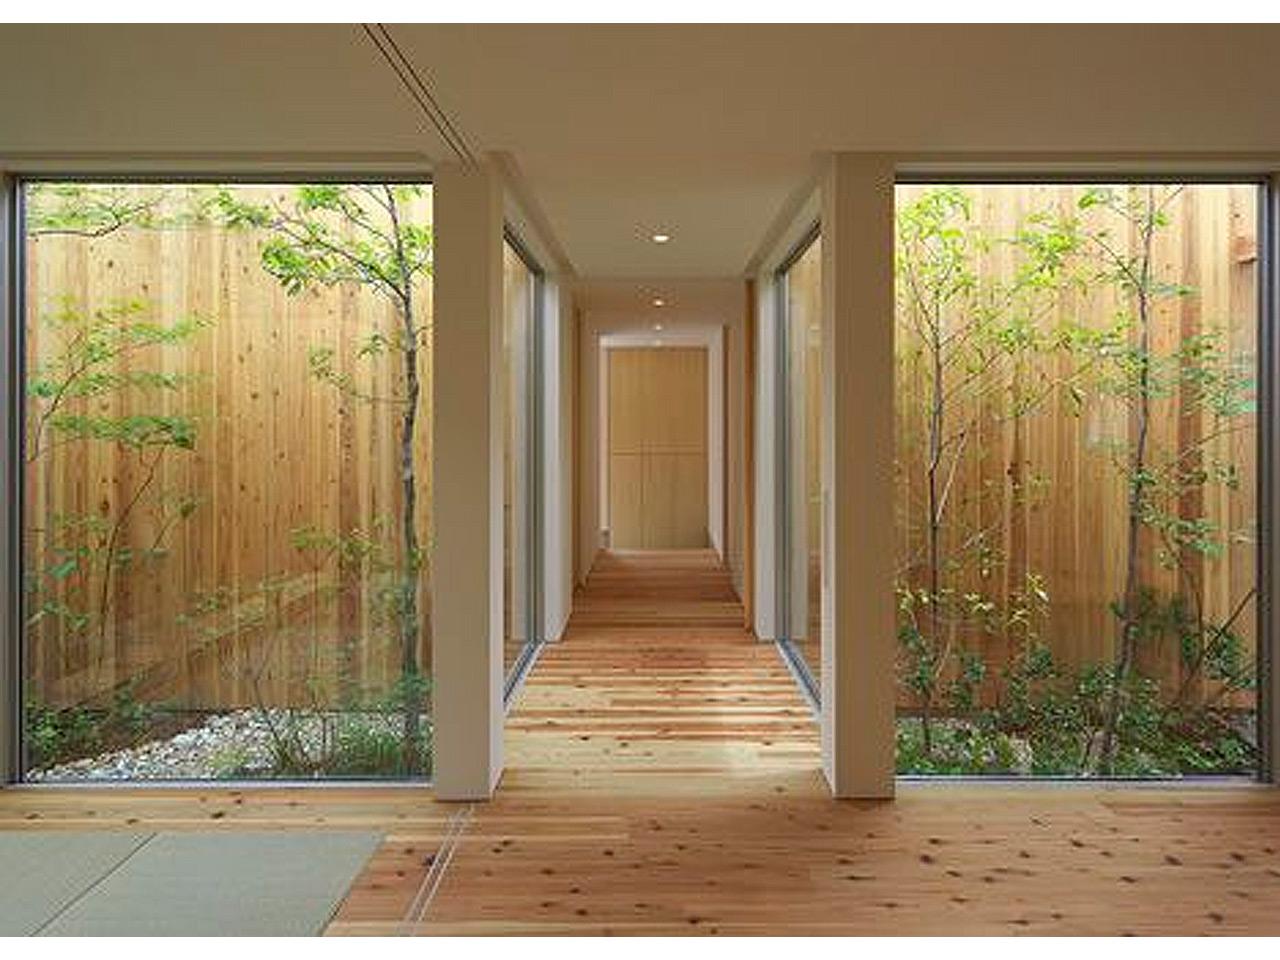 Tus 7 inspiraciones de decoraci n de terrazas interiores for Iluminacion para jardines interiores